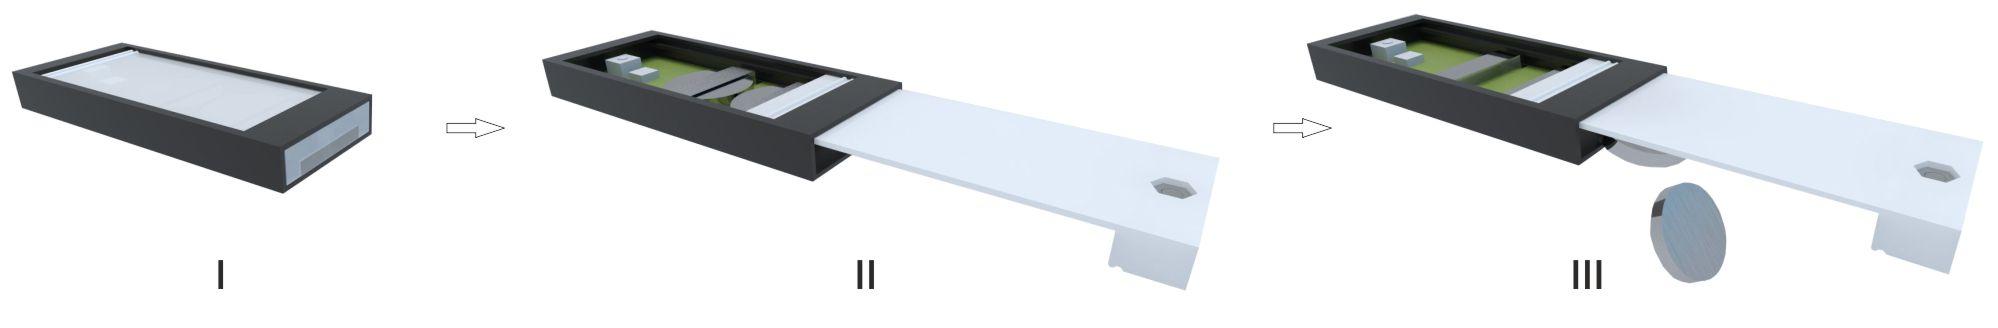 striplight 4_1